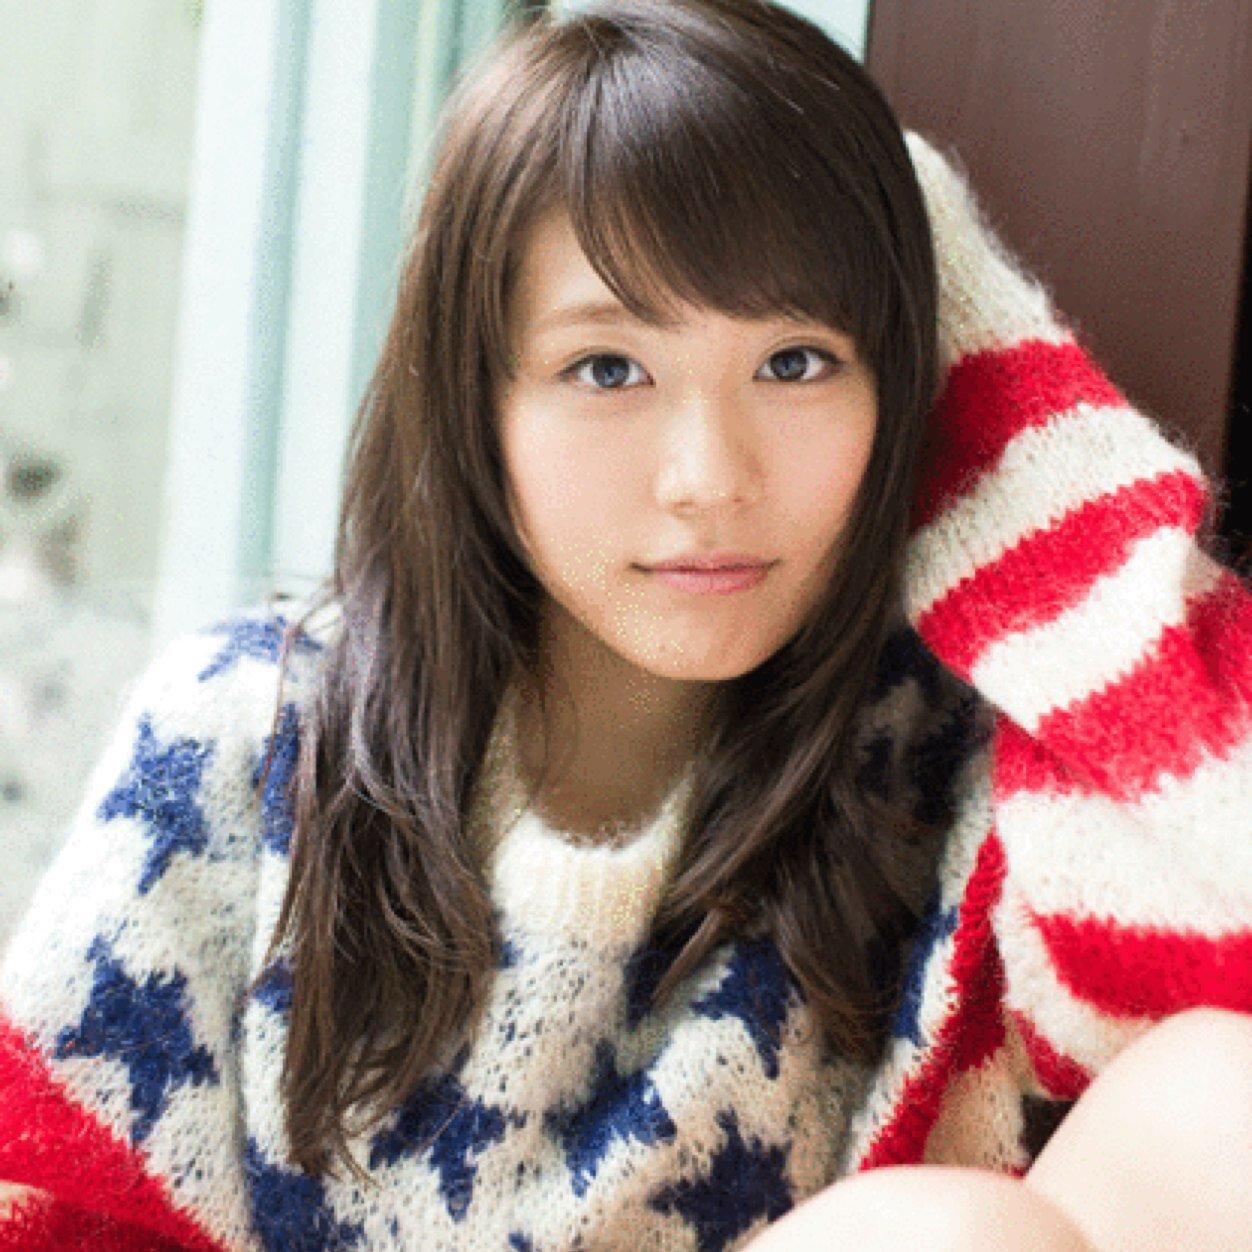 人気女優・有村架純さんの可愛い画像集めてみました【画像多数】のサムネイル画像